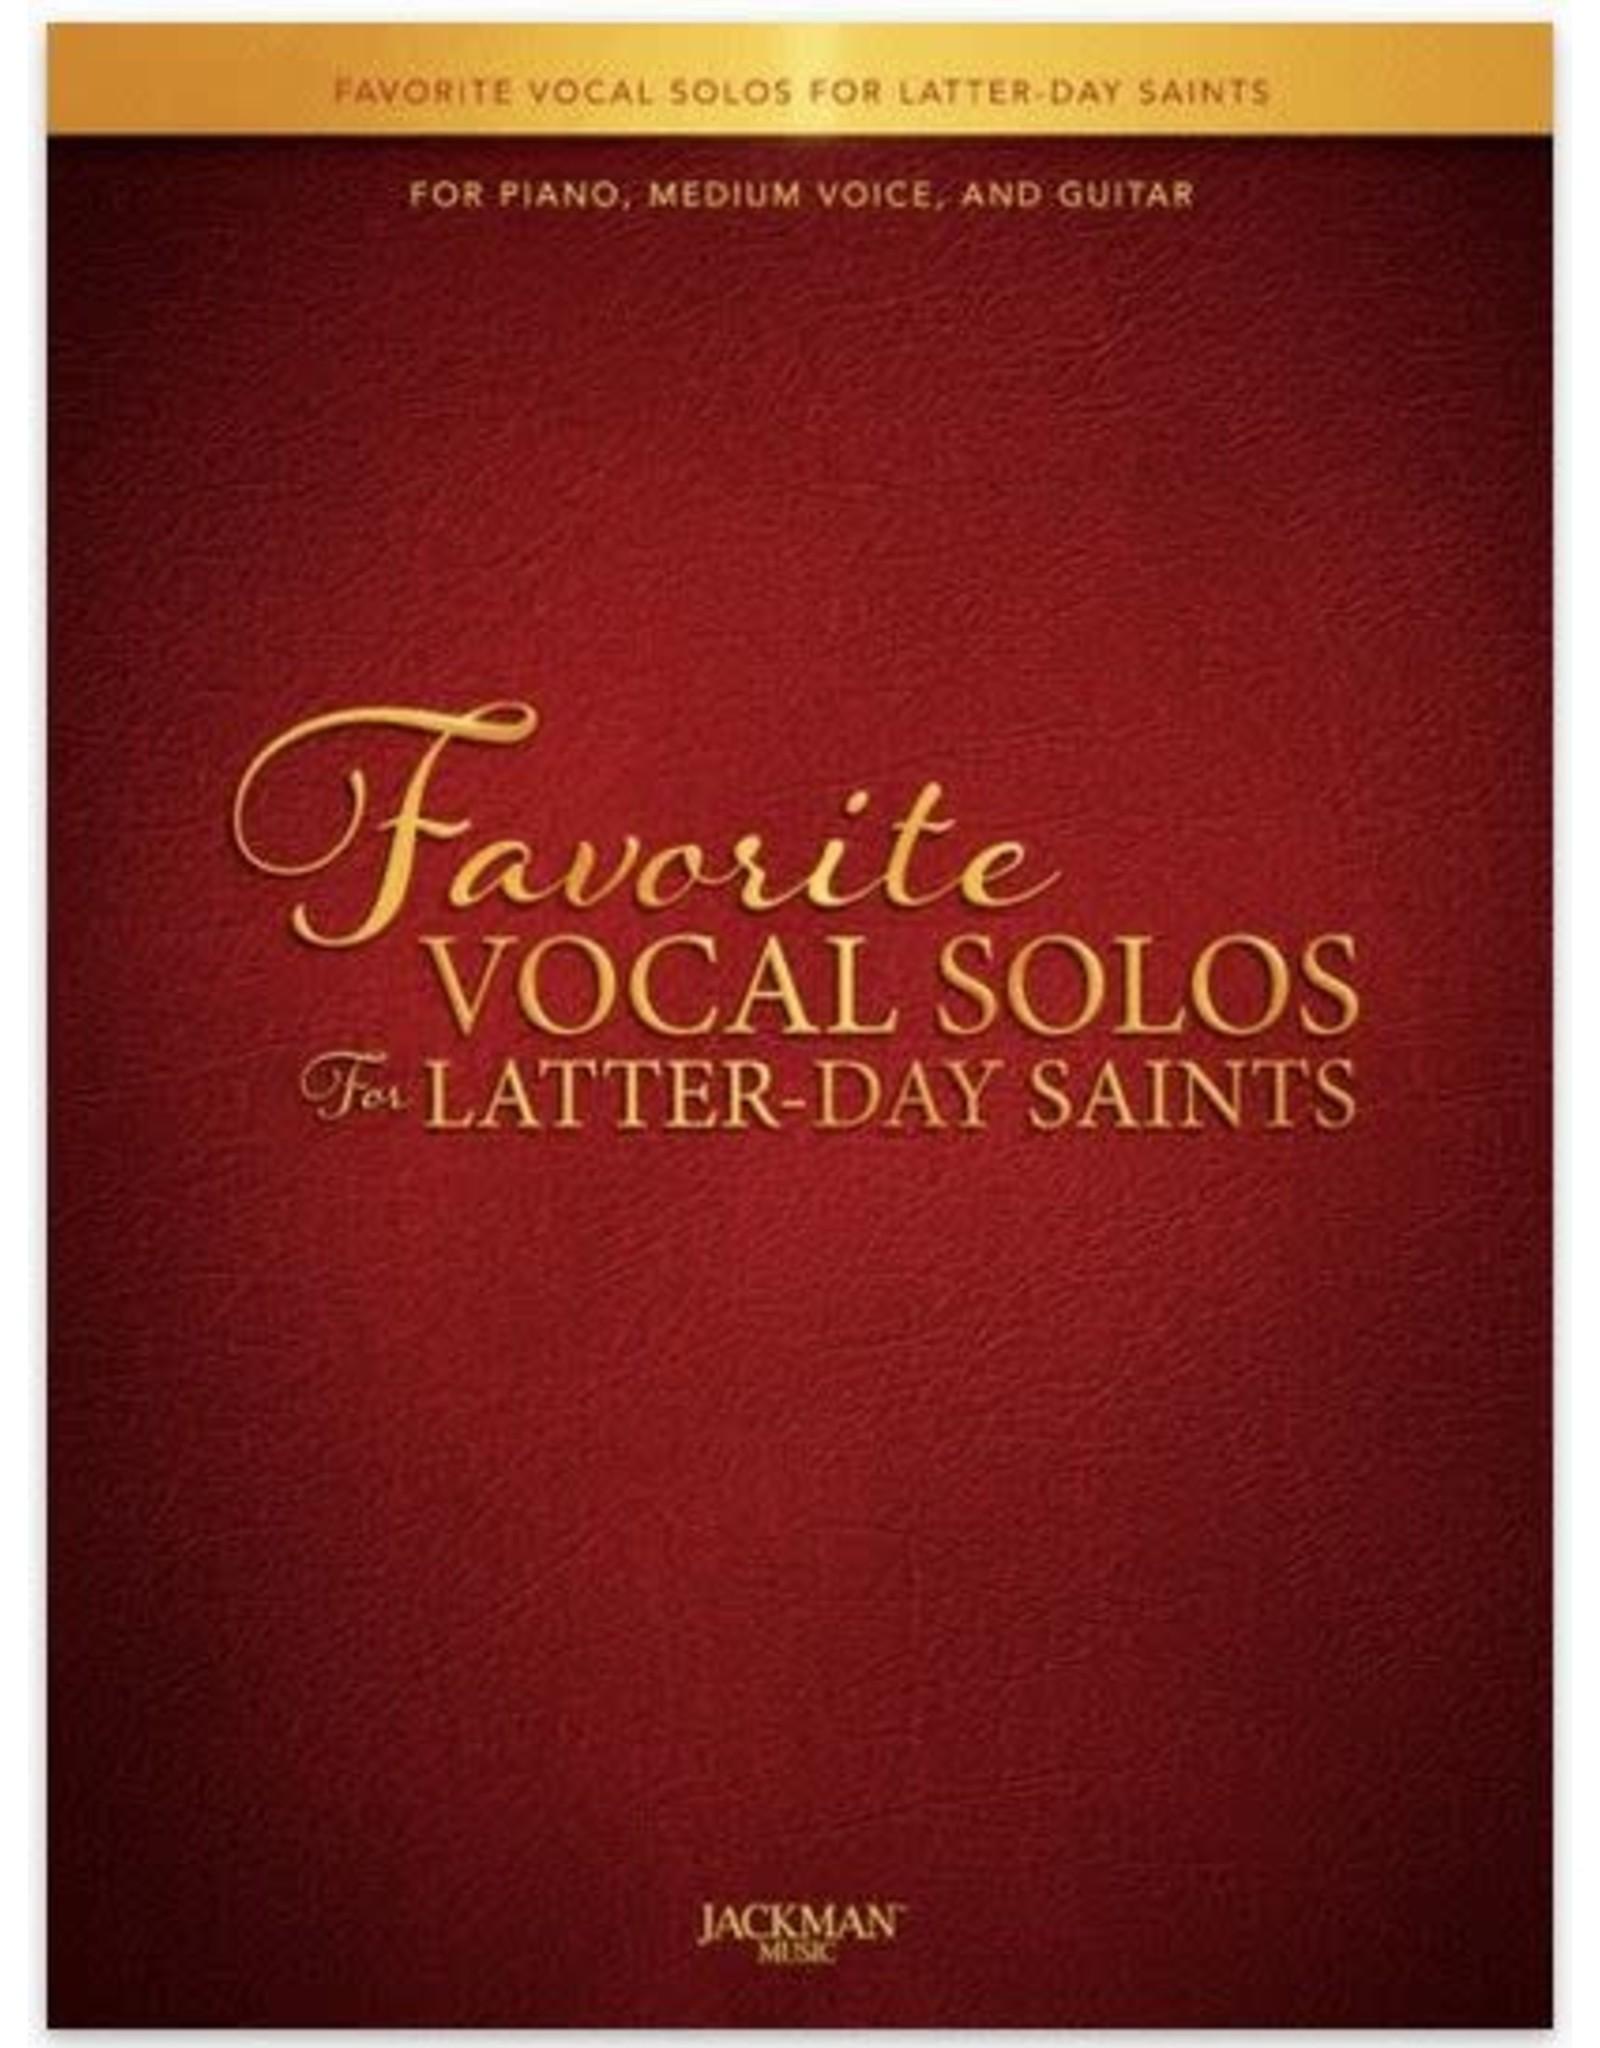 Jackman Music Favorite Vocal Solos for Latter-day Saints - Medium Voice